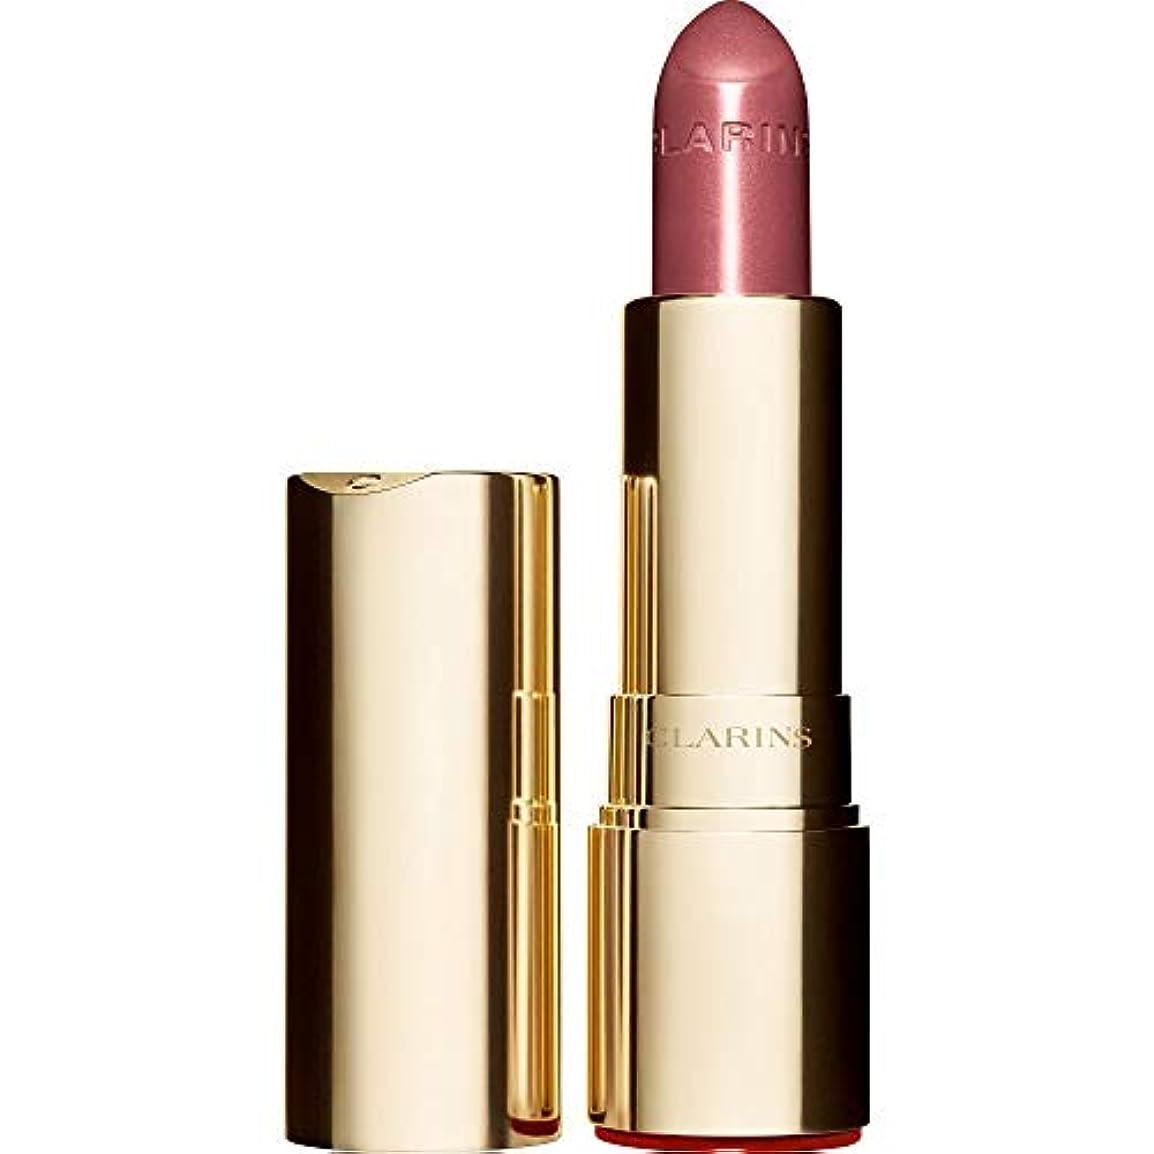 ナンセンス解釈粘液[Clarins ] クラランスジョリルージュブリリアント口紅3.5グラムの731Sは、 - ベリーローズ - Clarins Joli Rouge Brillant Lipstick 3.5g 731S - Rose...